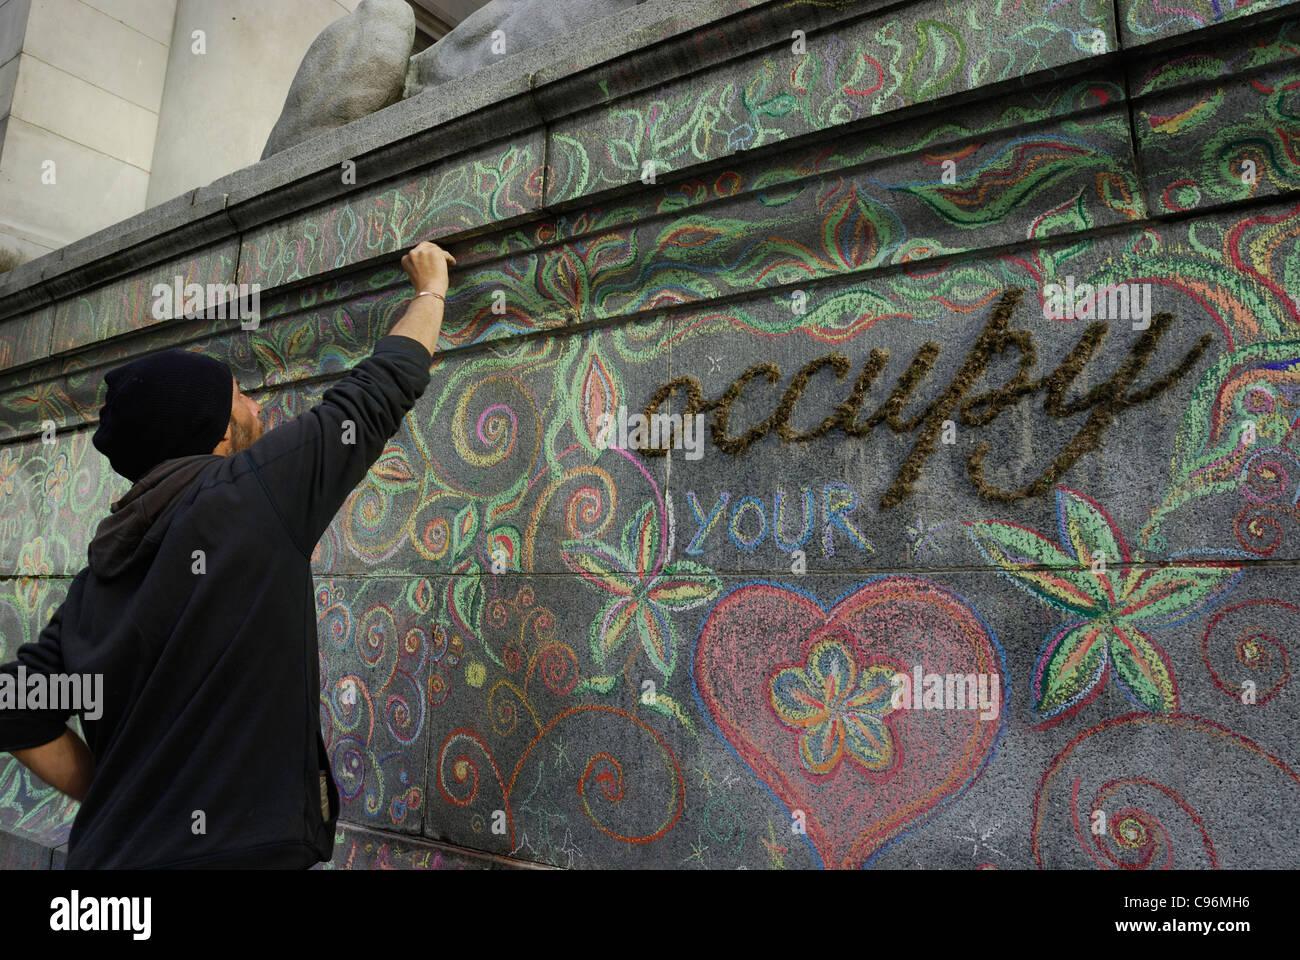 Protester creazione di arte con gesso colorato sulle pareti di granito della Vancouver art gallery. Immagini Stock